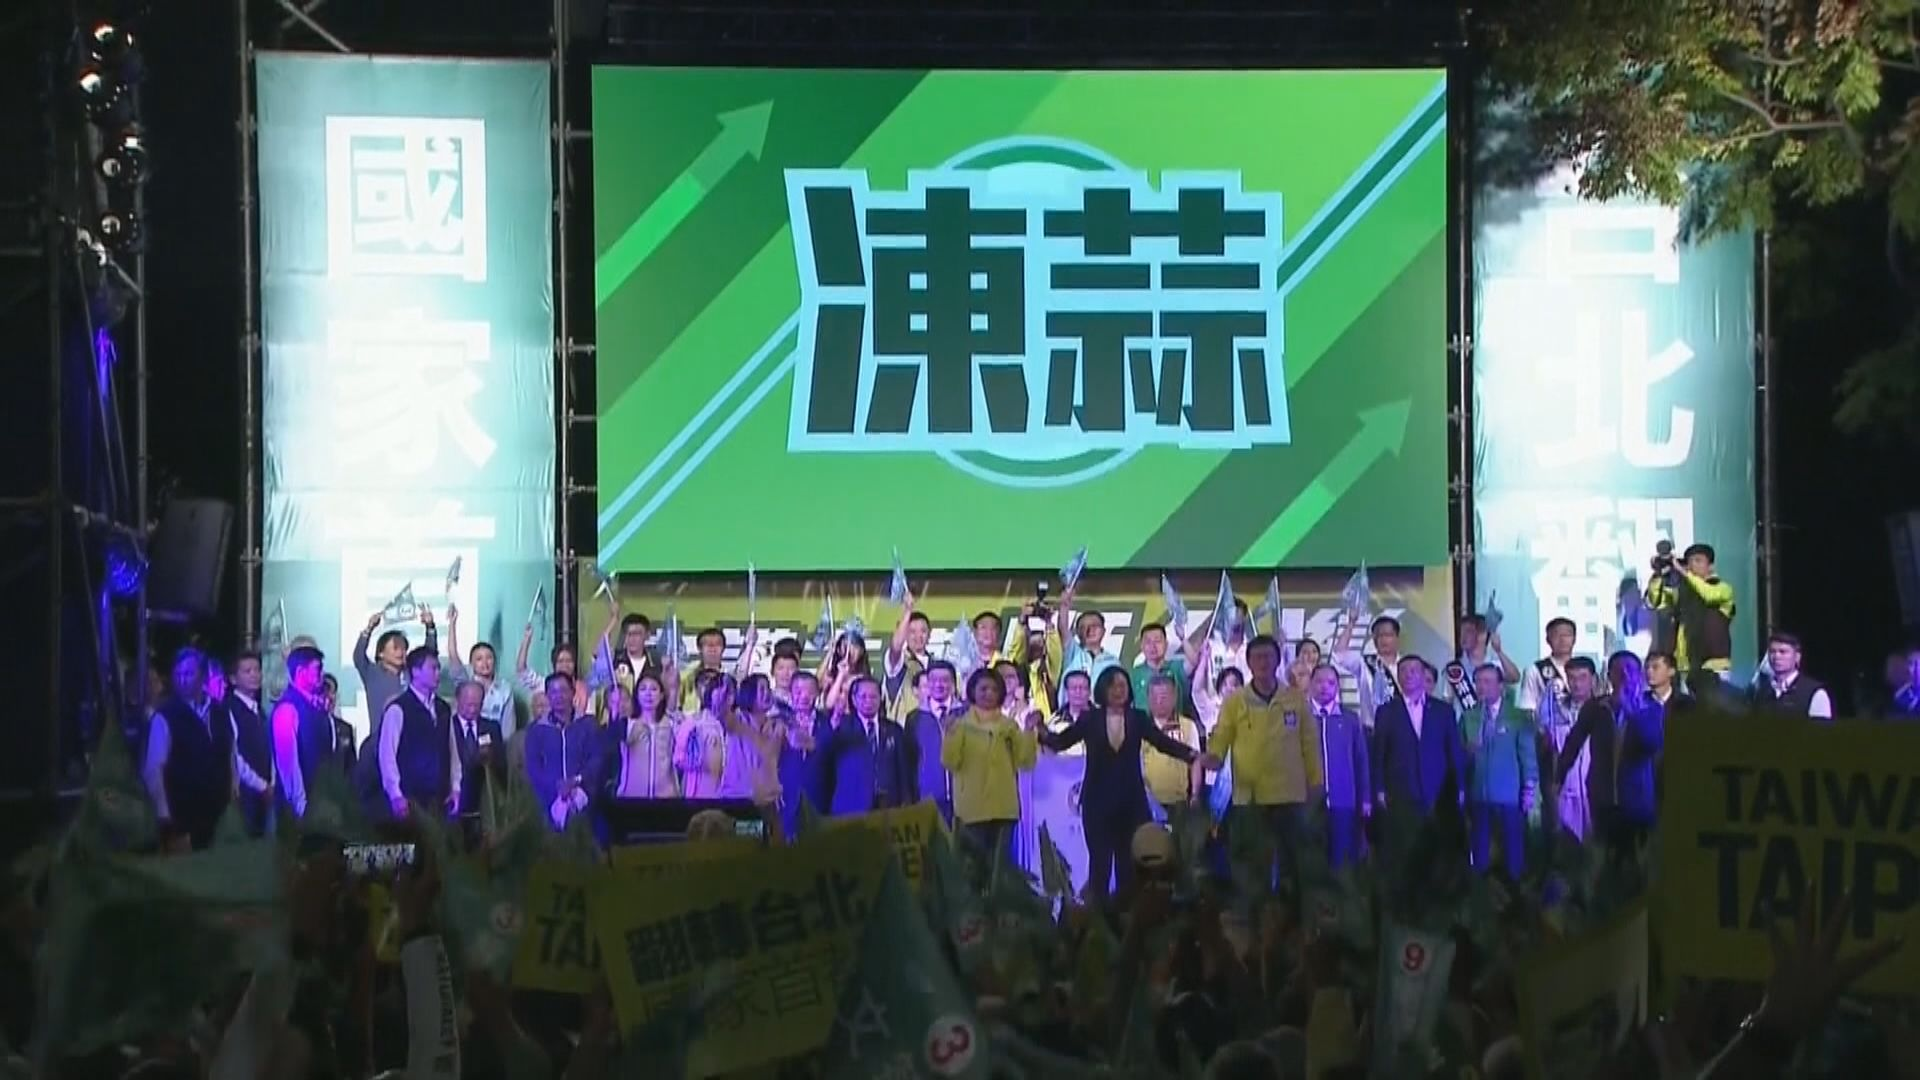 高雄決戰前夕藍綠陣營辦大型造勢大會